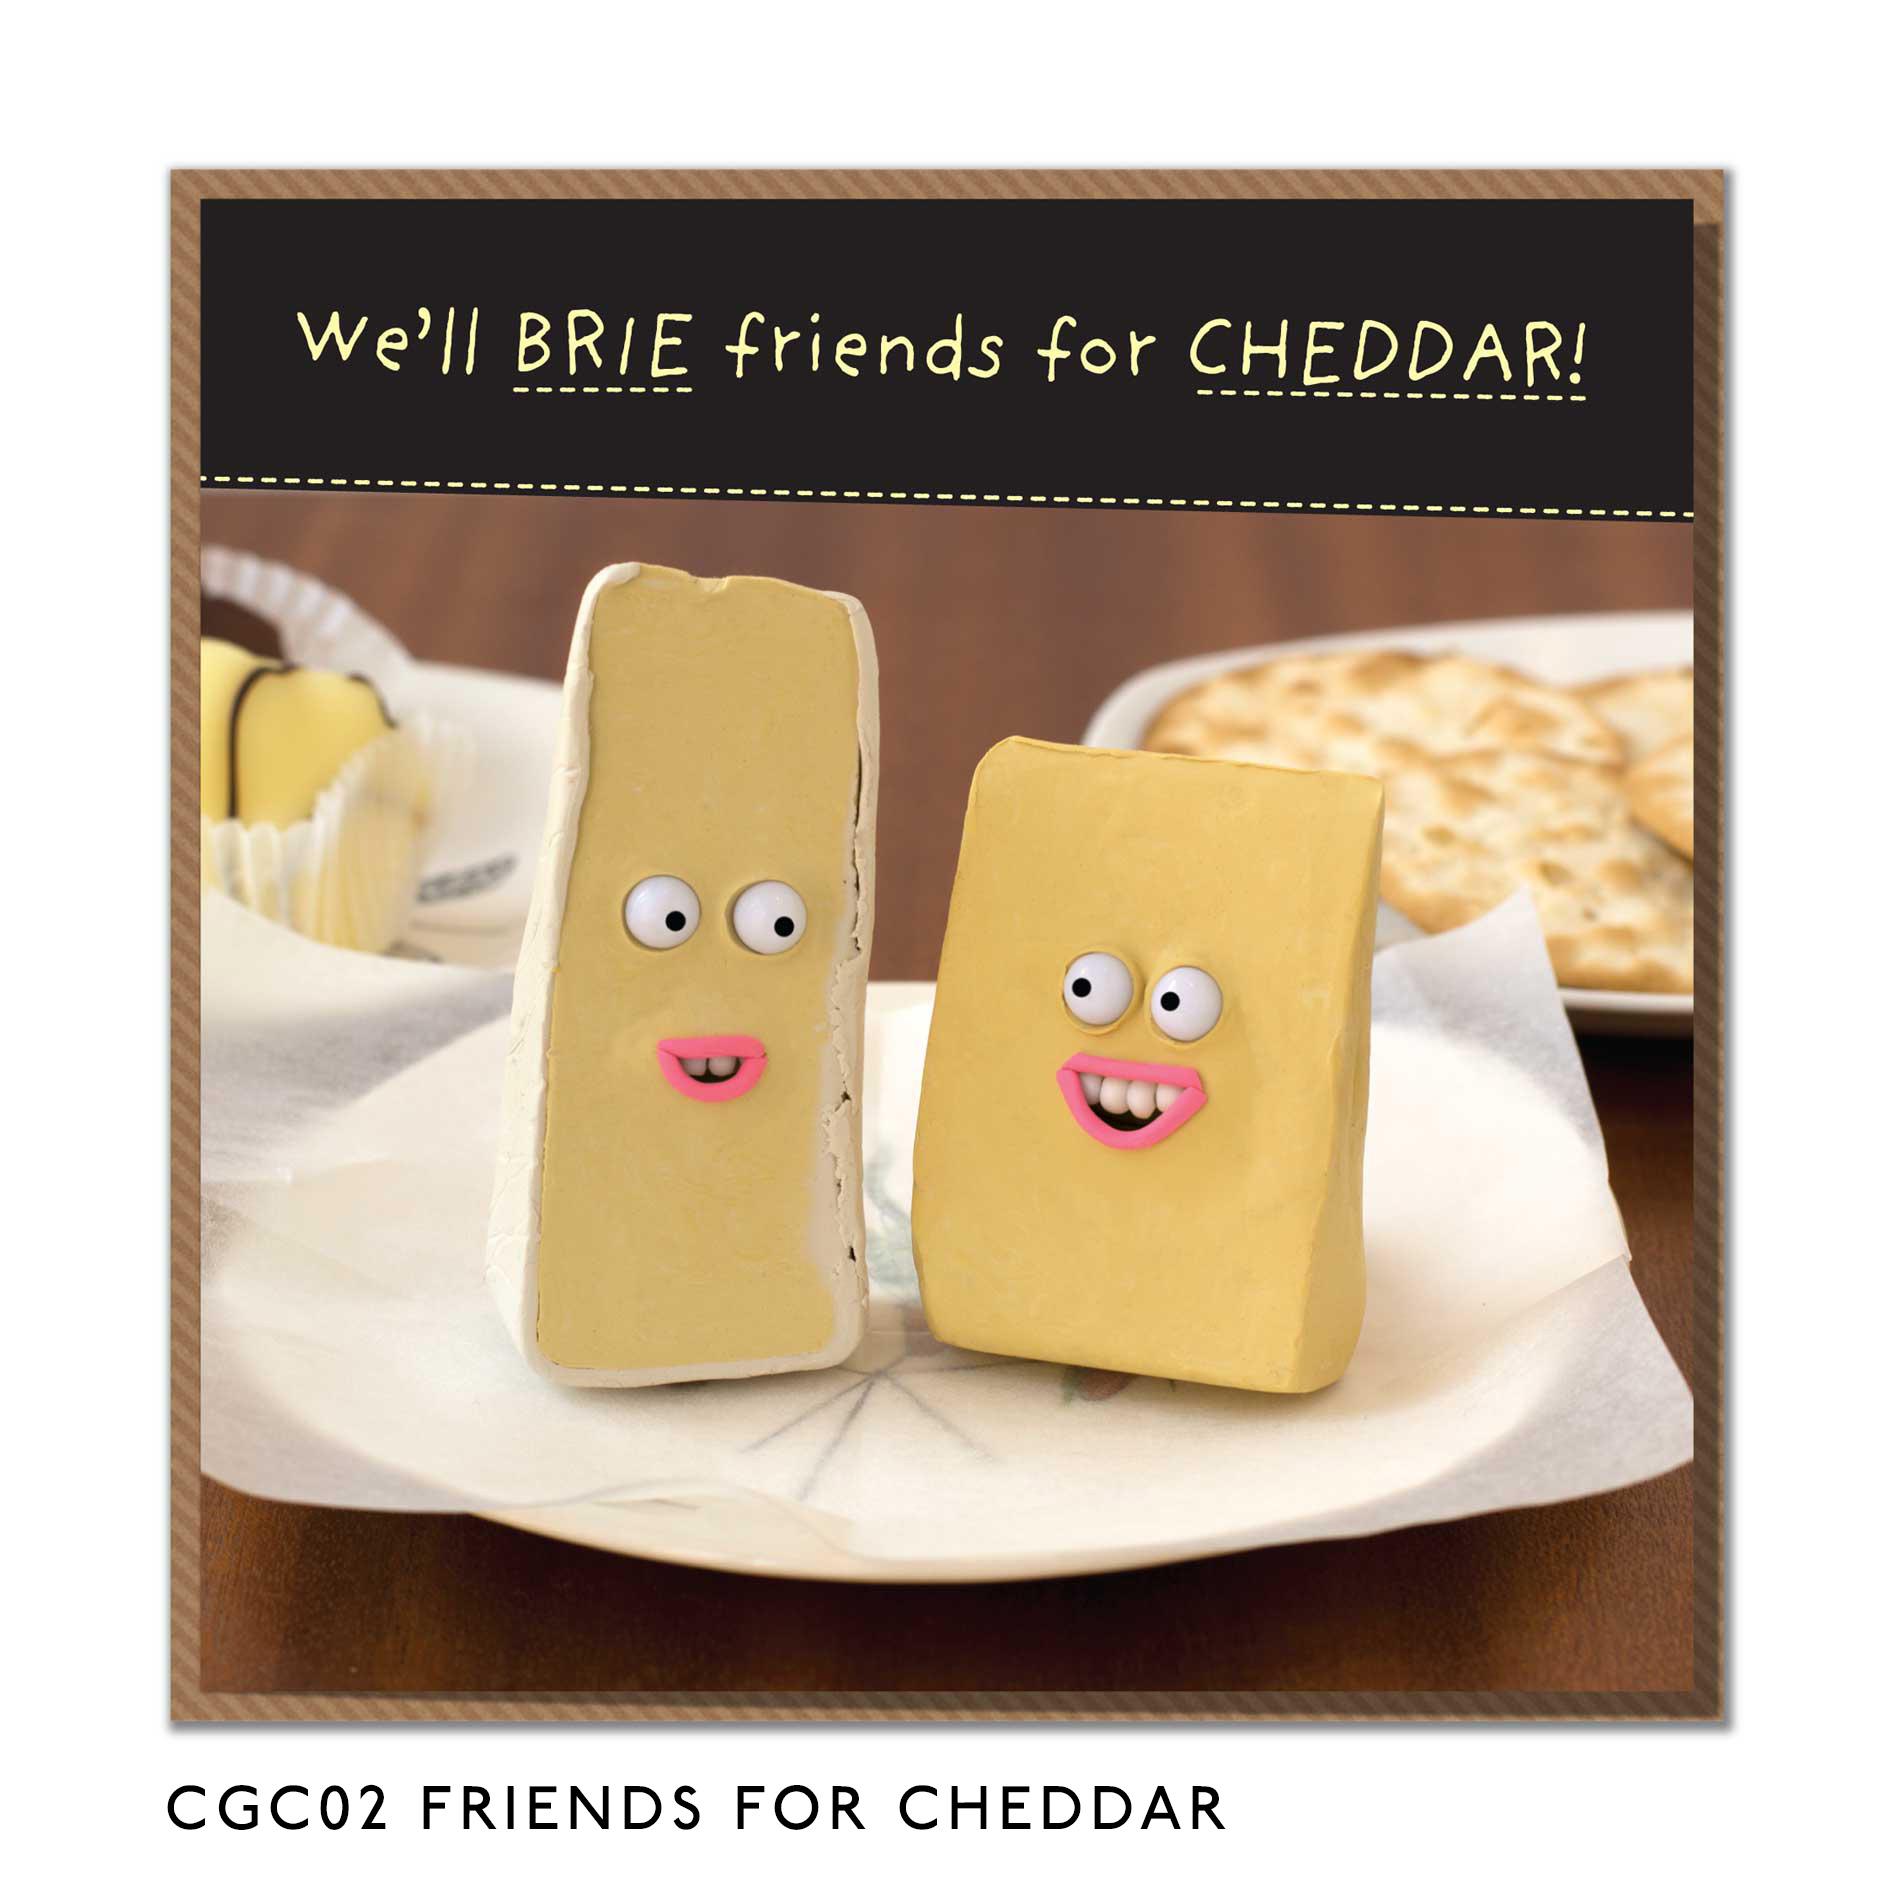 CGC02-FRIENDS-FOR-CHEDDAR.jpg